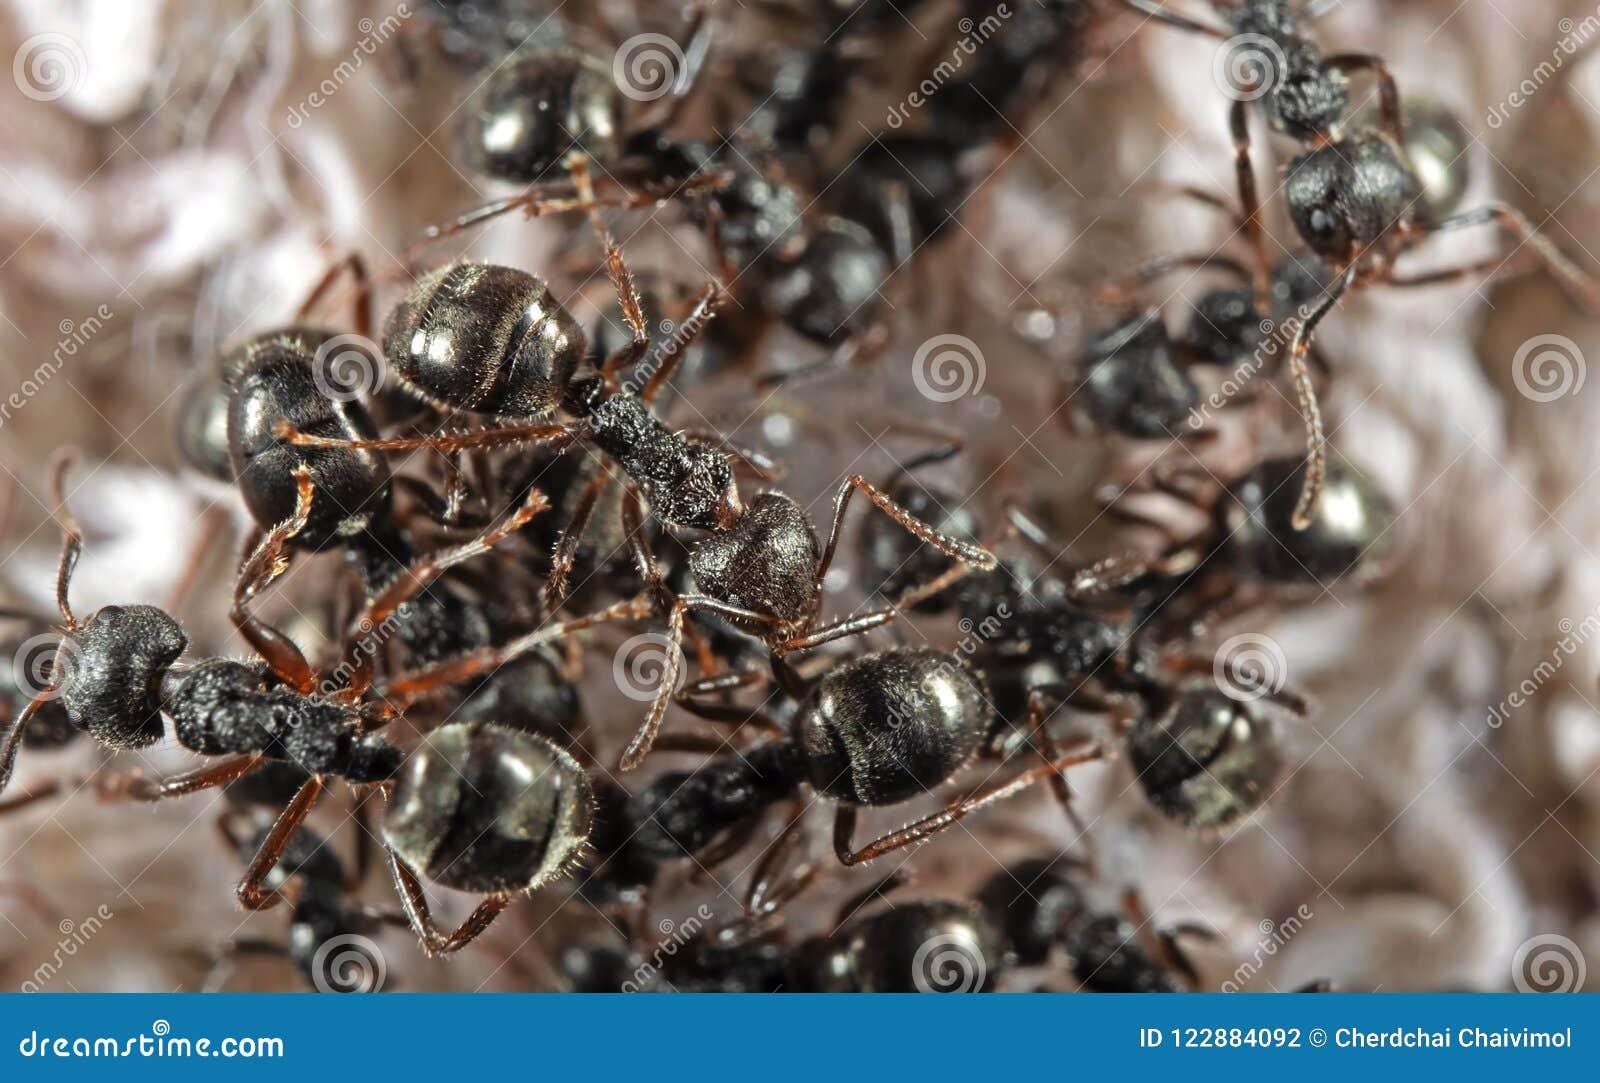 Foto Macra Del Grupo De Hormigas Negras Del Jardín Que Buscan Para ...